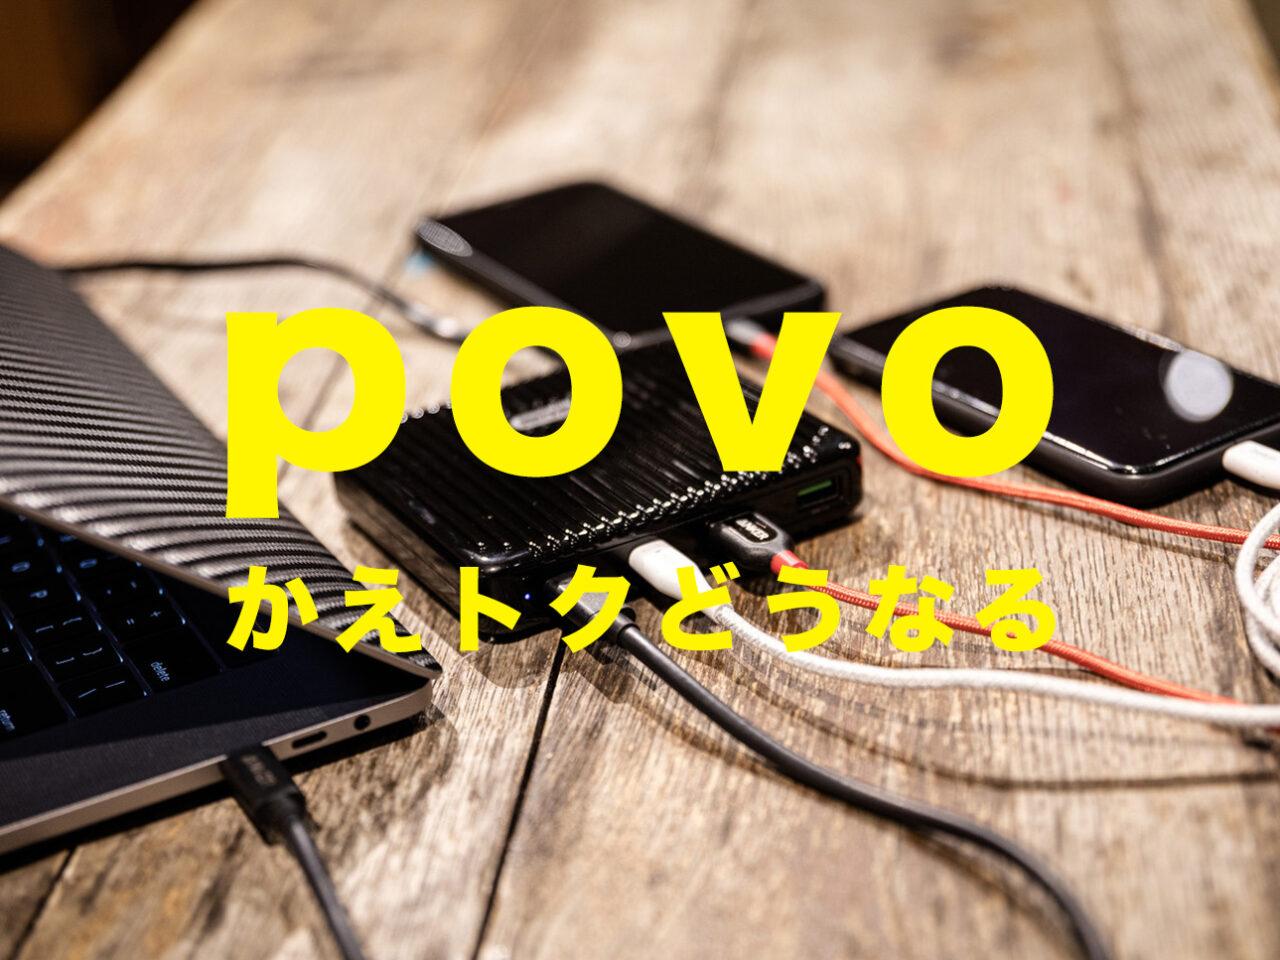 povo(ポヴォ)に移行してもかえトク&アップグレードプログラムは継続できる?のサムネイル画像